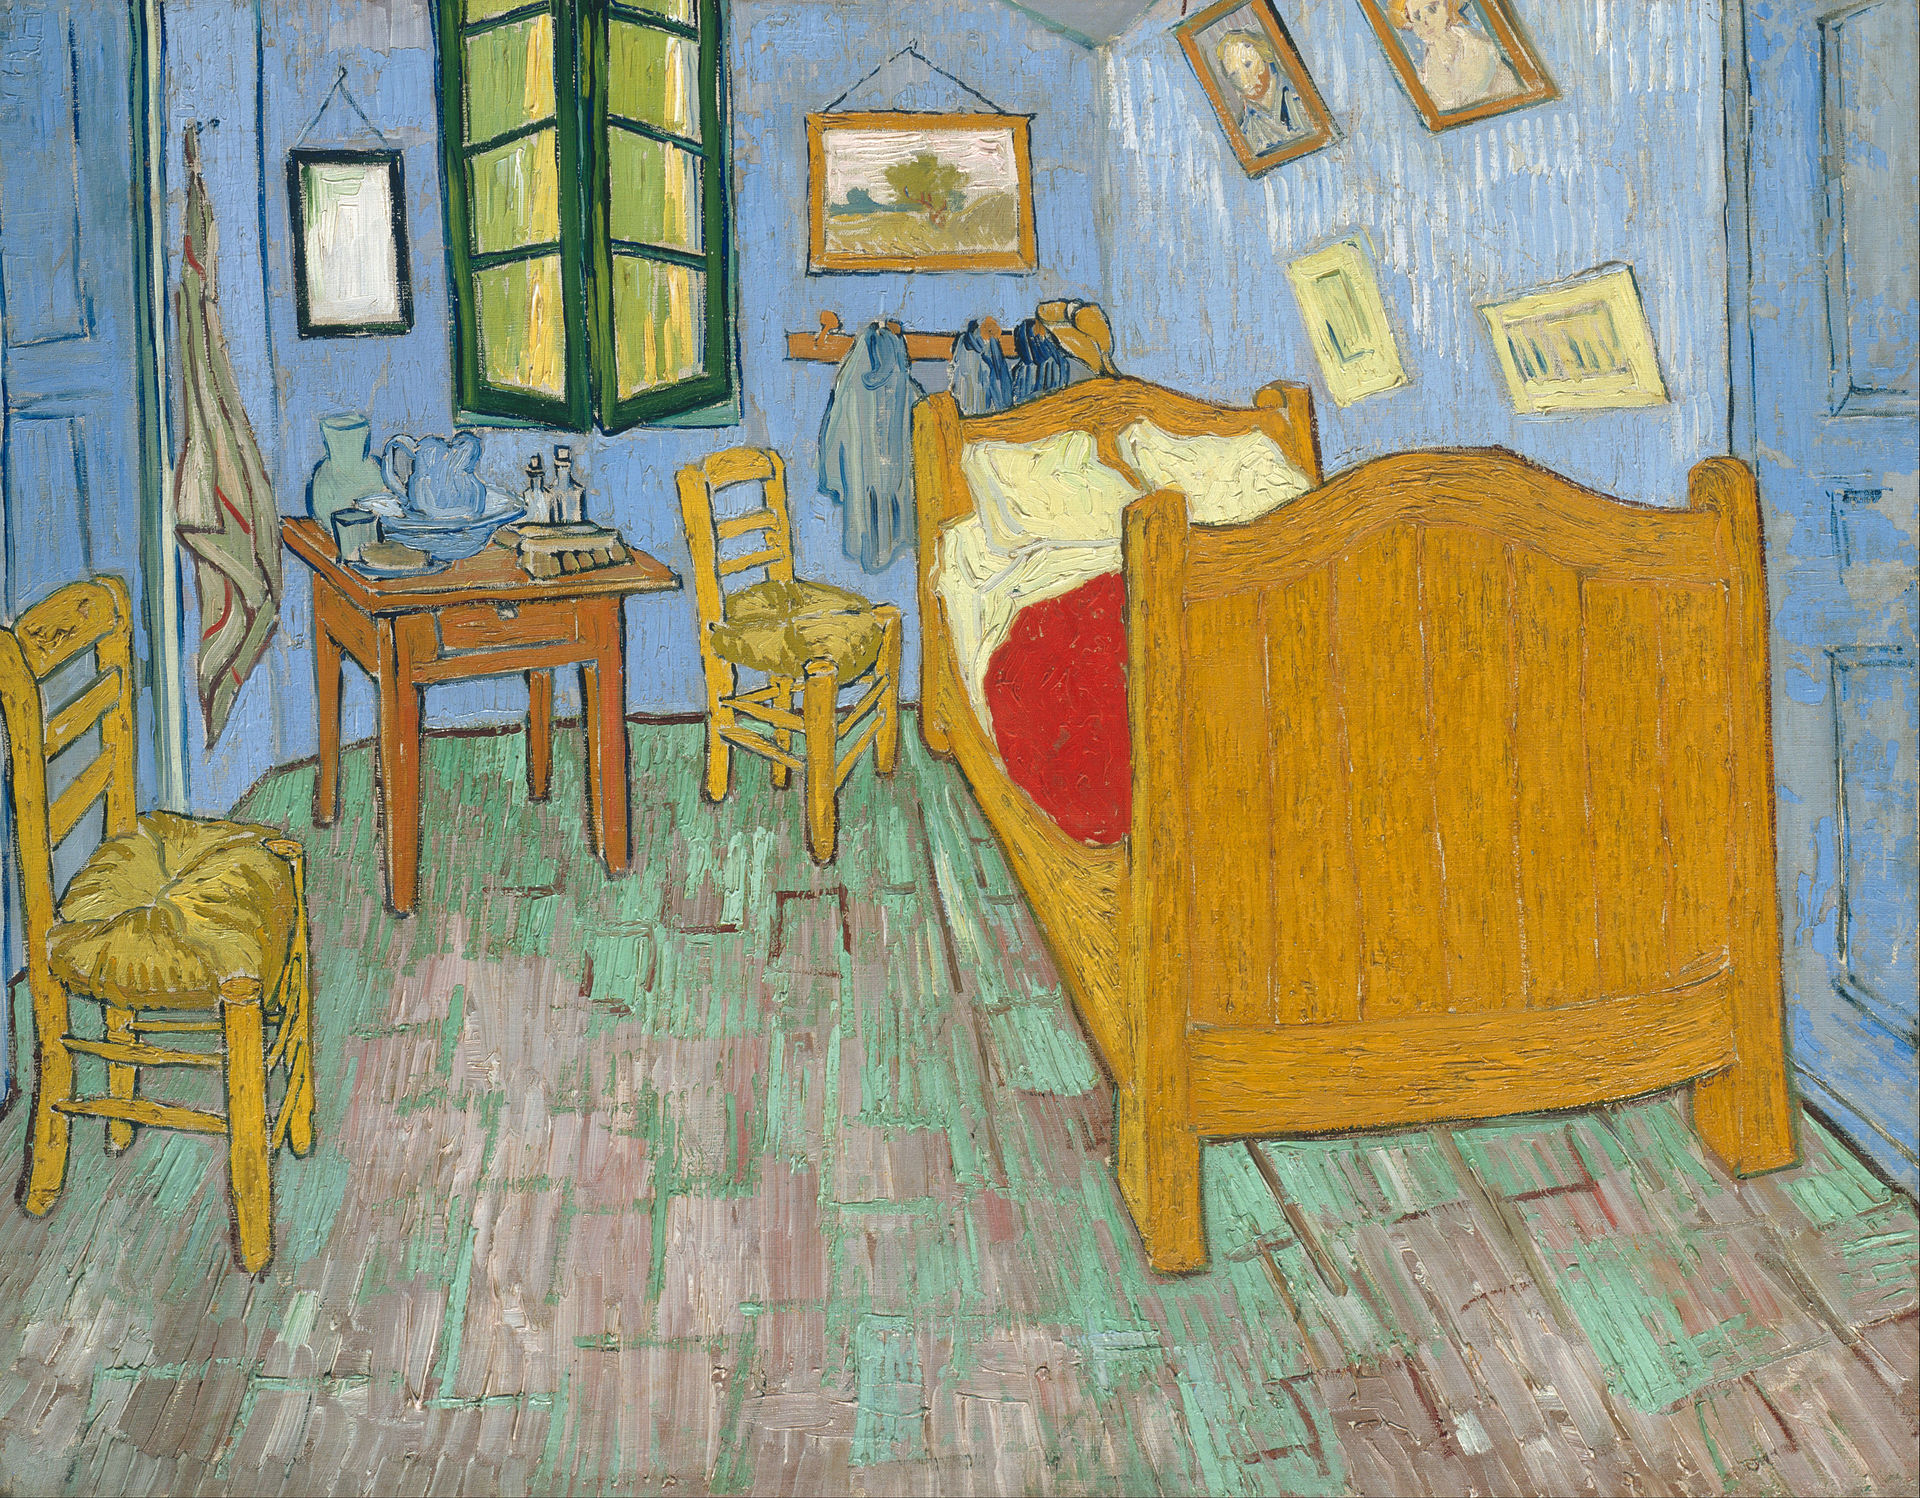 Vincent Van Gogh, U0027Bedroom In Arles,u0027 Second Version, September 1889.